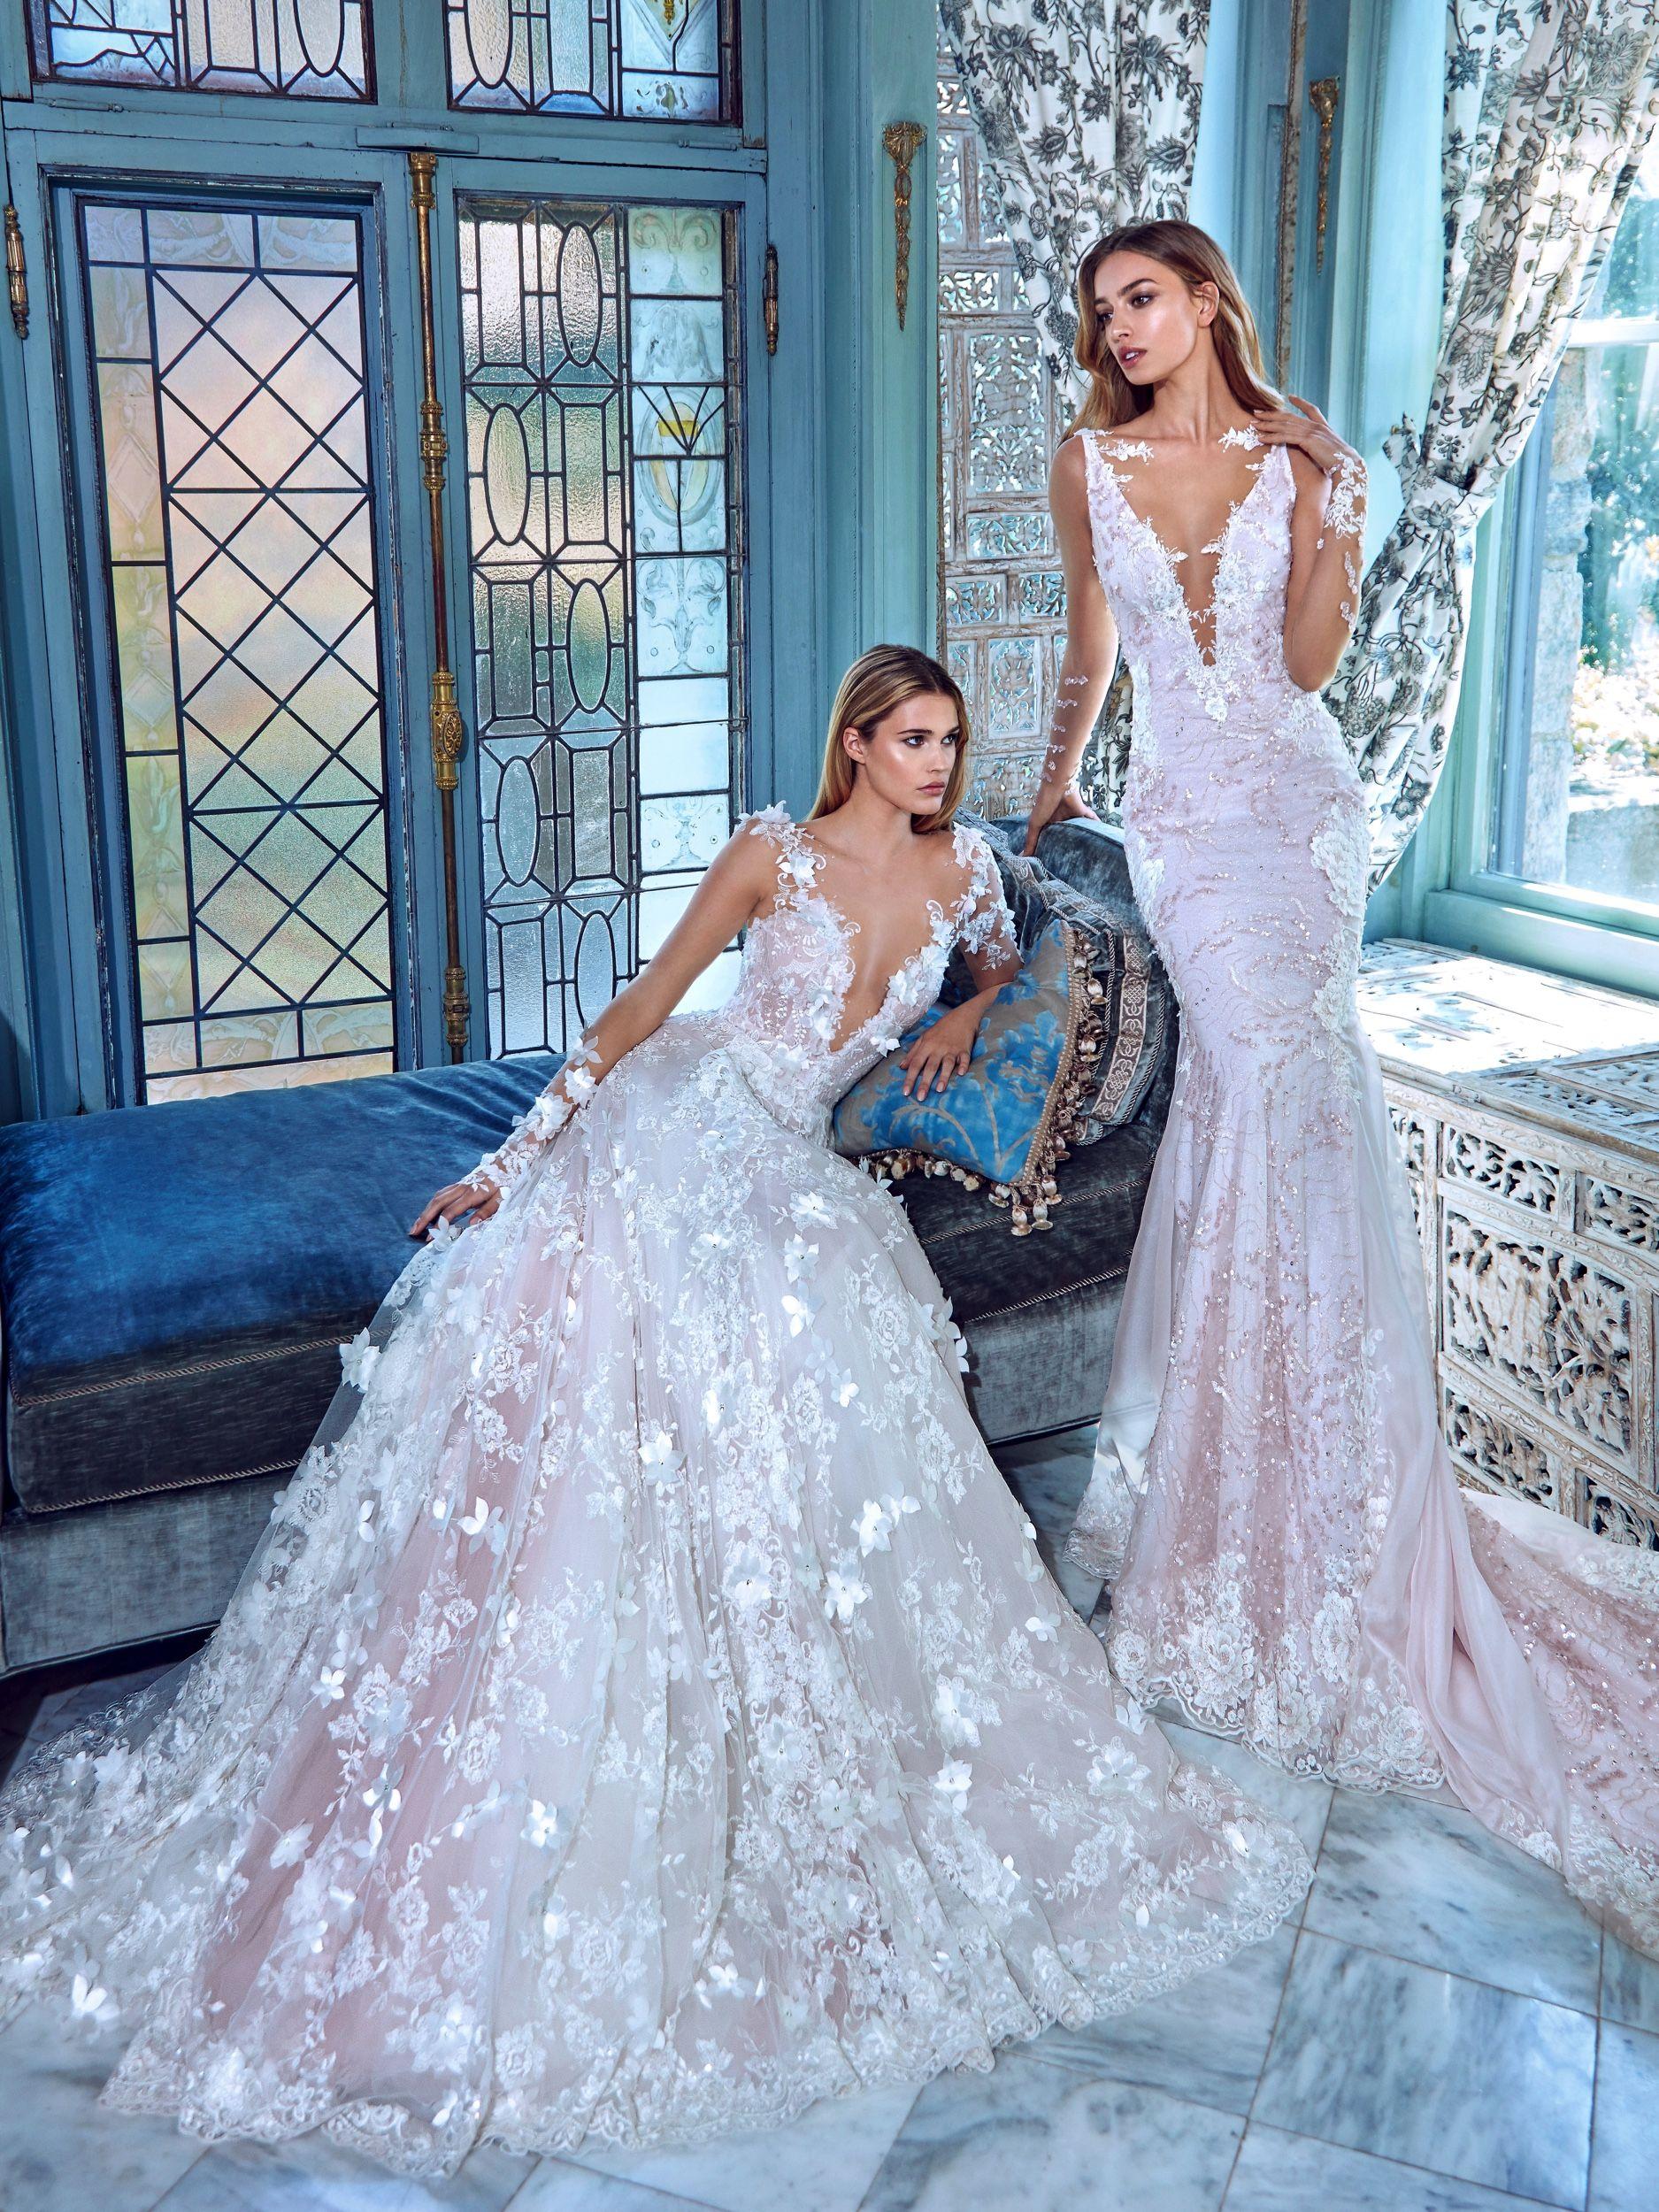 Arabella and Daria_web | Ideen für die Hochzeit | Pinterest | Ideas ...